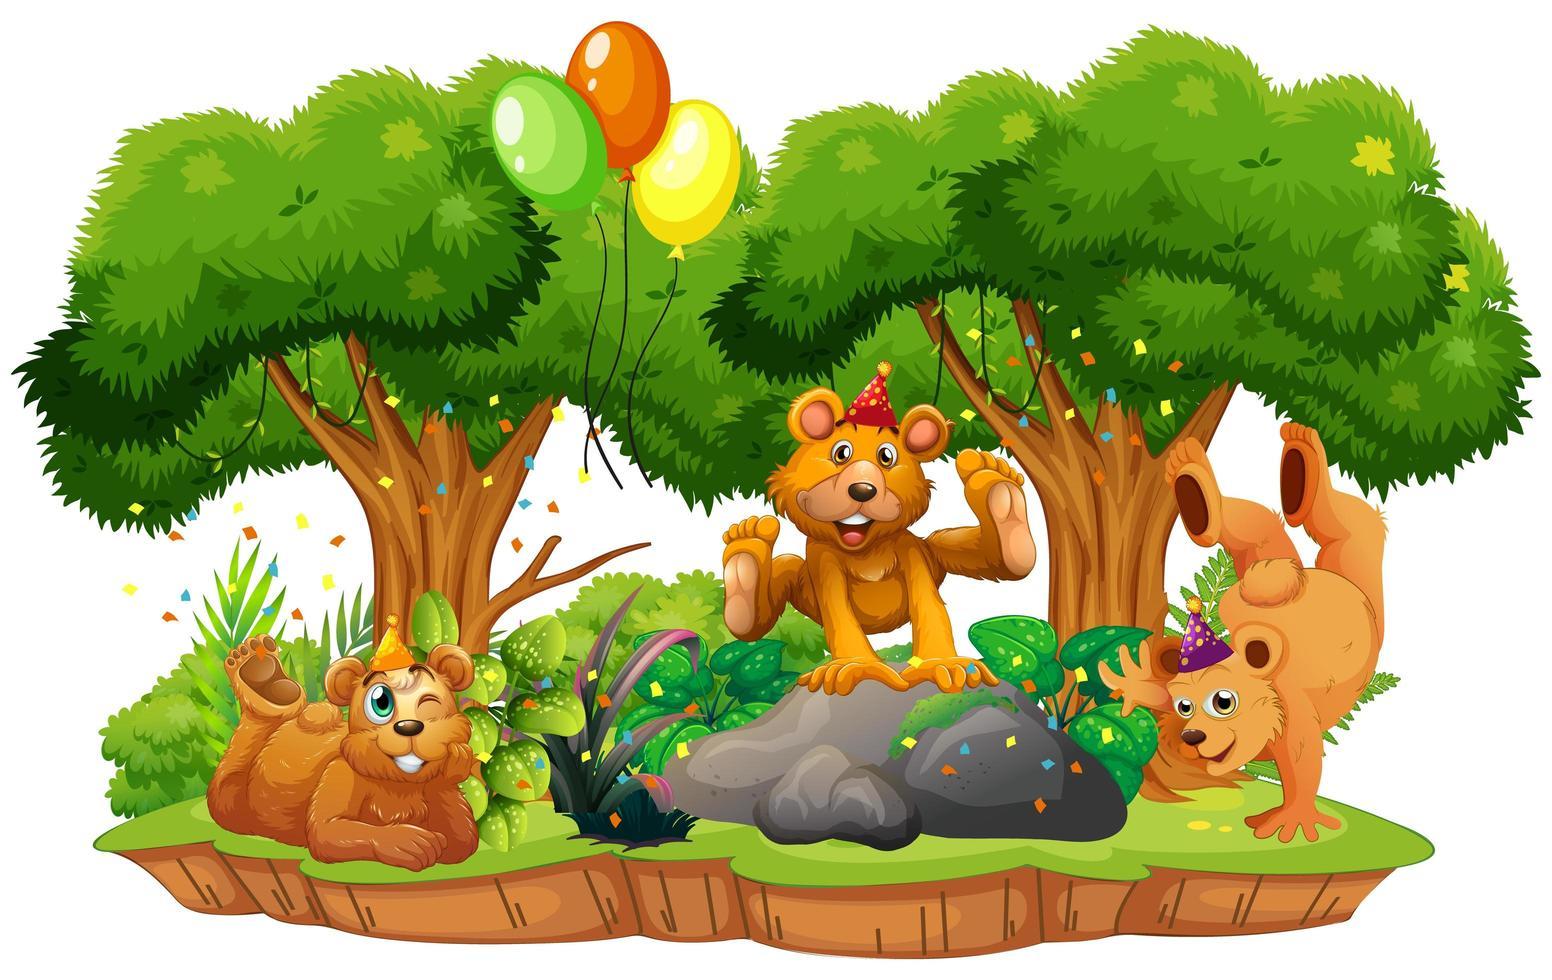 Beaucoup d & # 39; ours dans le thème de la fête en fond de forêt nature vecteur